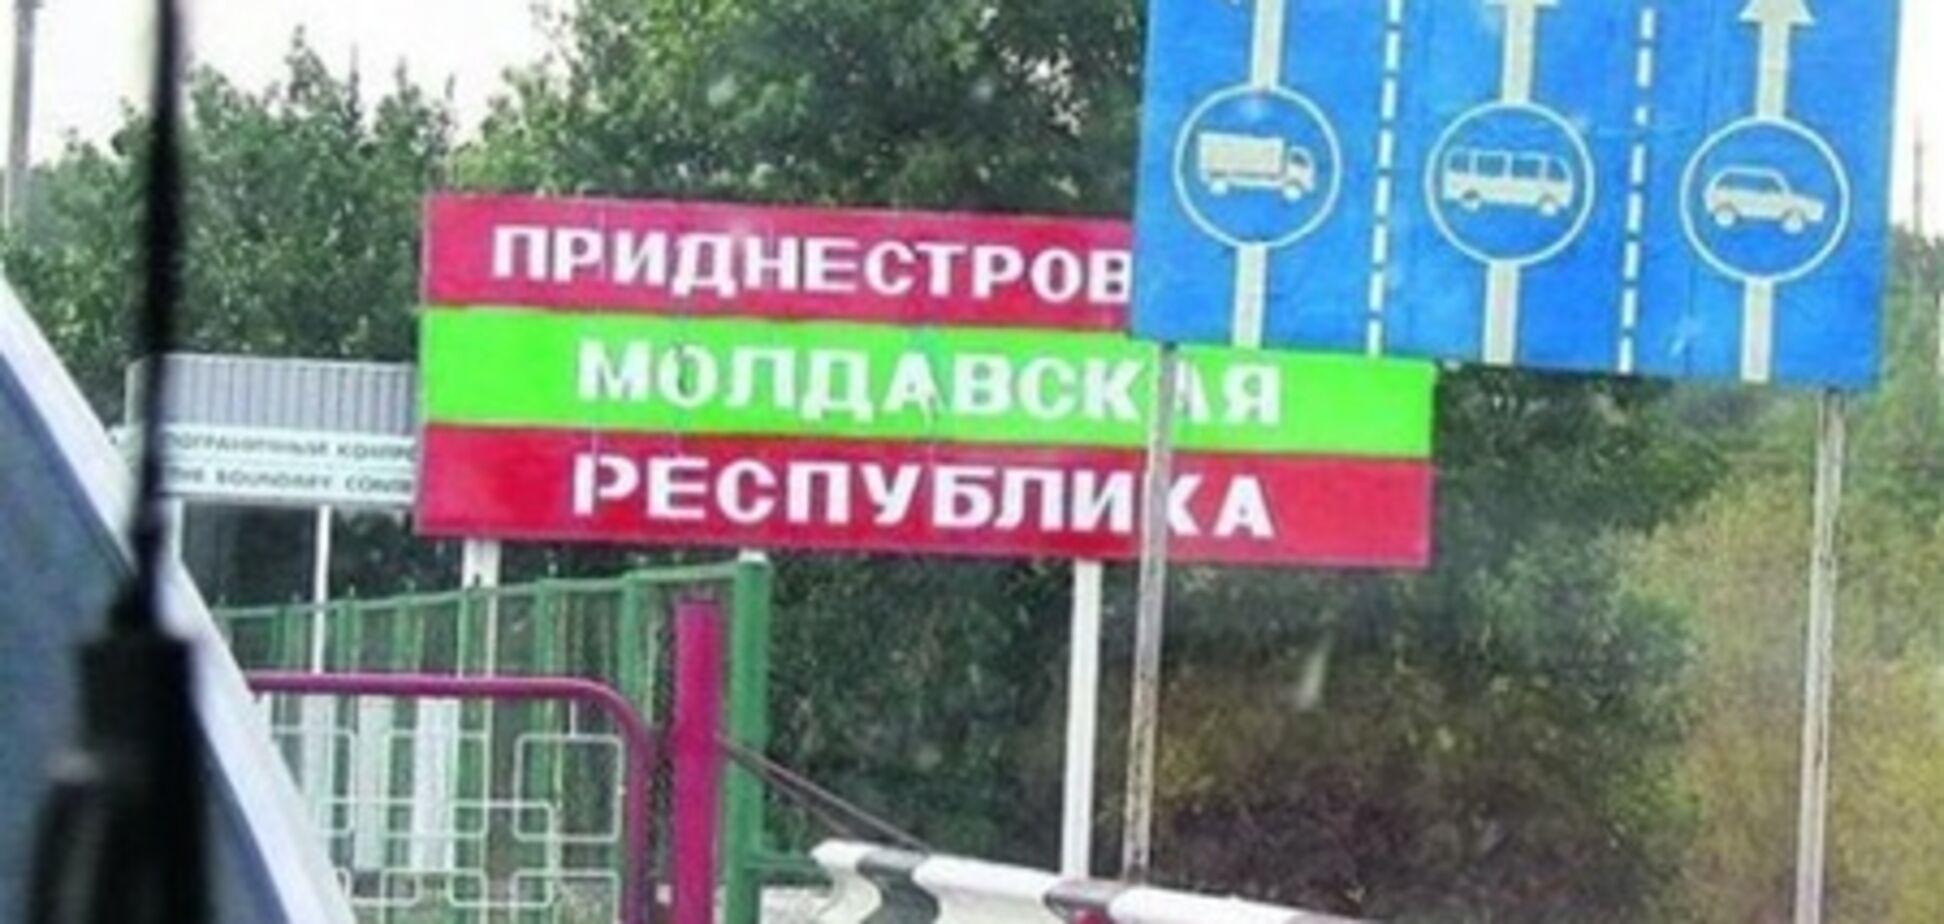 Російський миротворець застрелив в Придністров'ї молдаванина